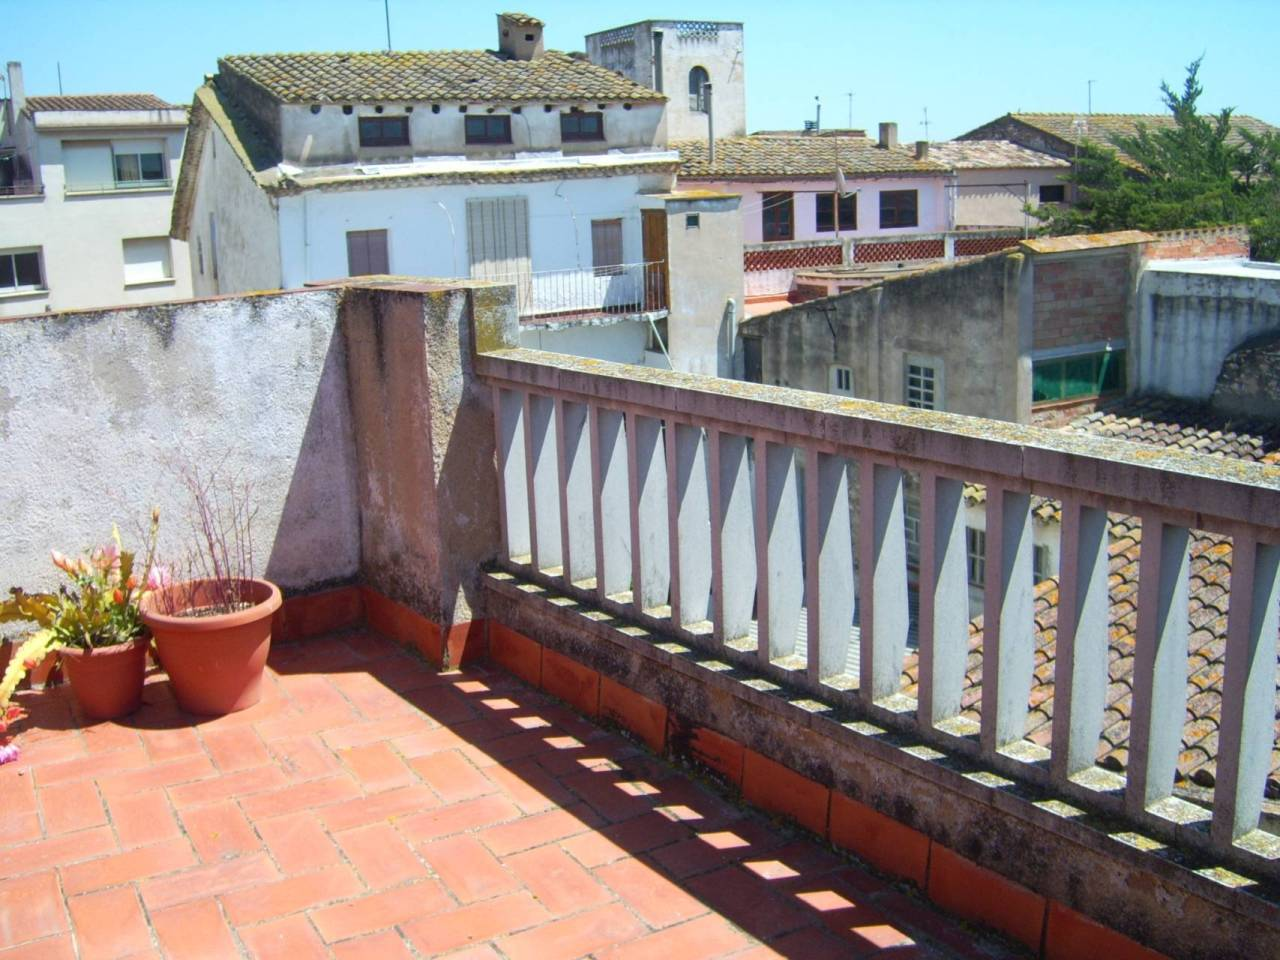 Maison  Calle dr. puig. Superf. 261 m², 82 m² solar,  6 habitaciones (4 dobles,  2 indiv